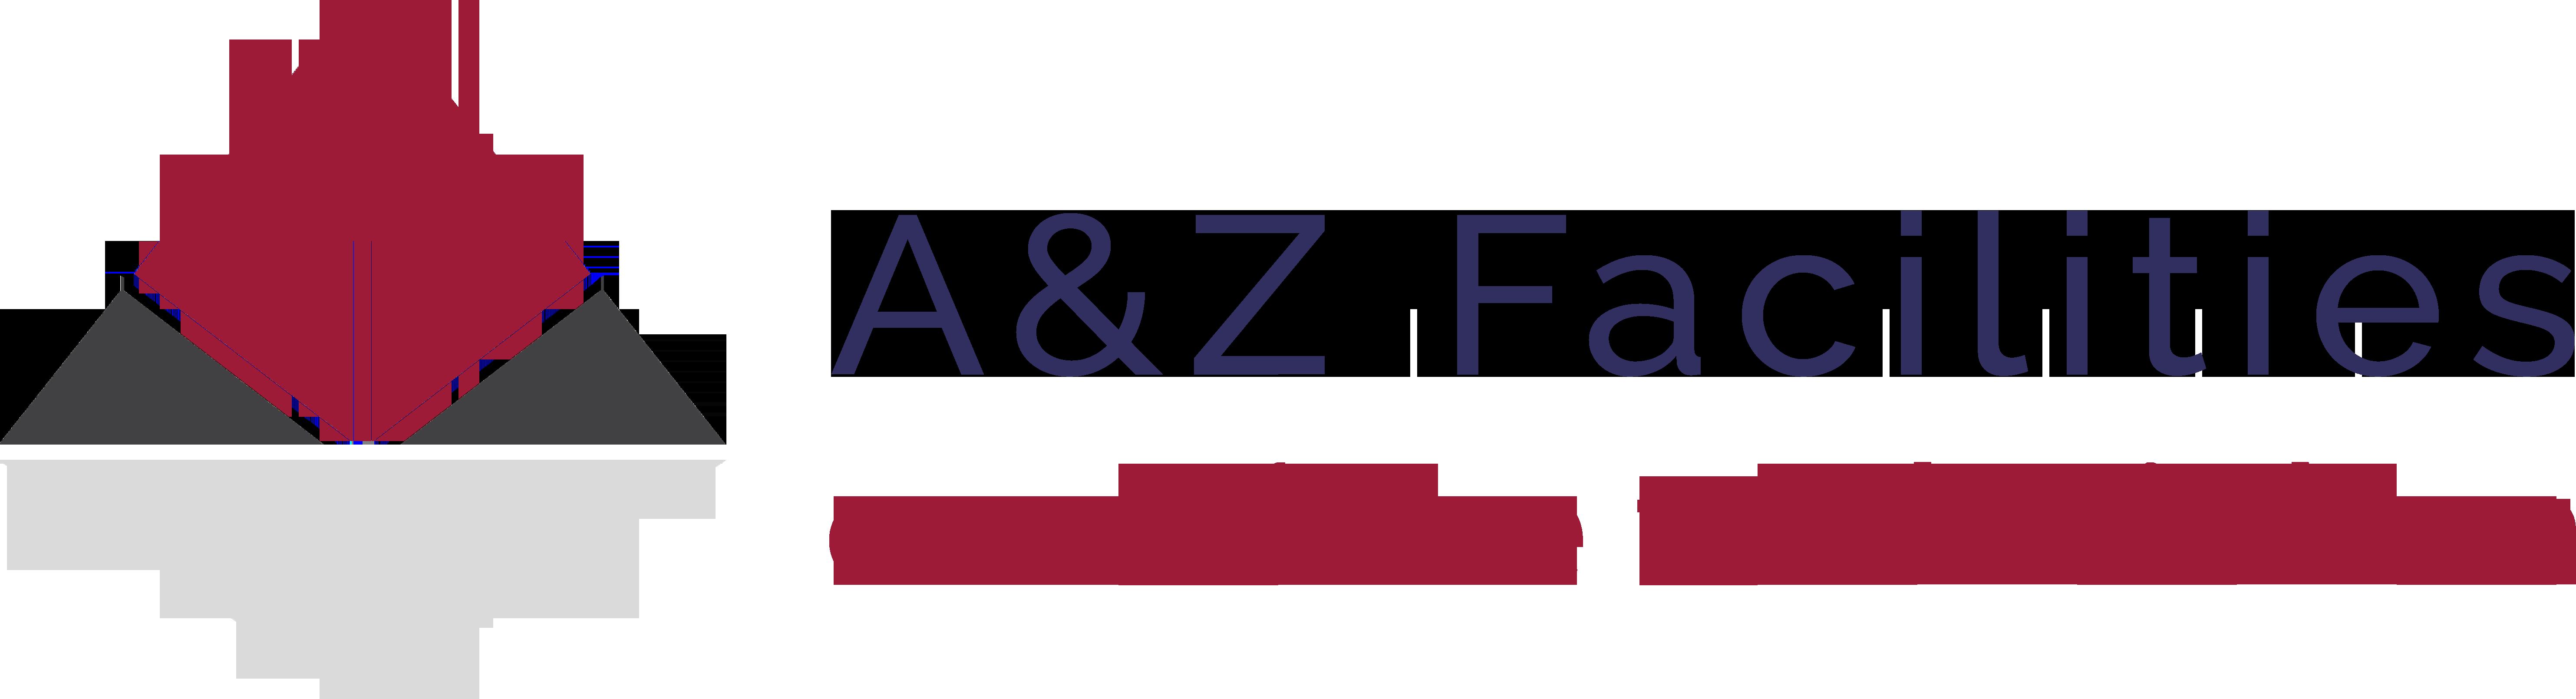 A&Z Facilities